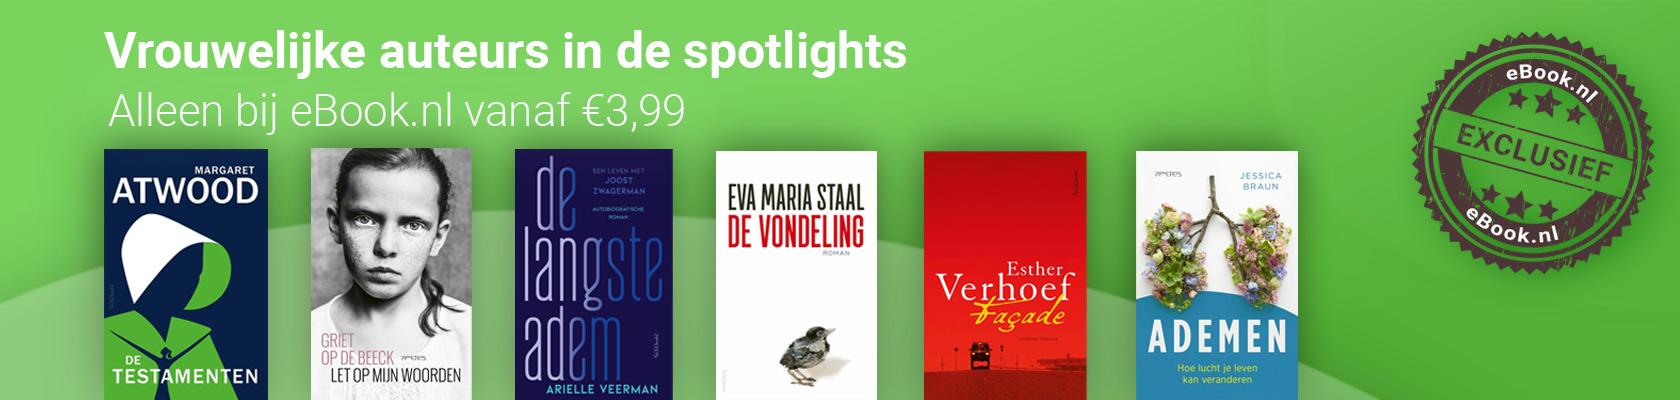 Vrouwelijke auteurs in de spotlights